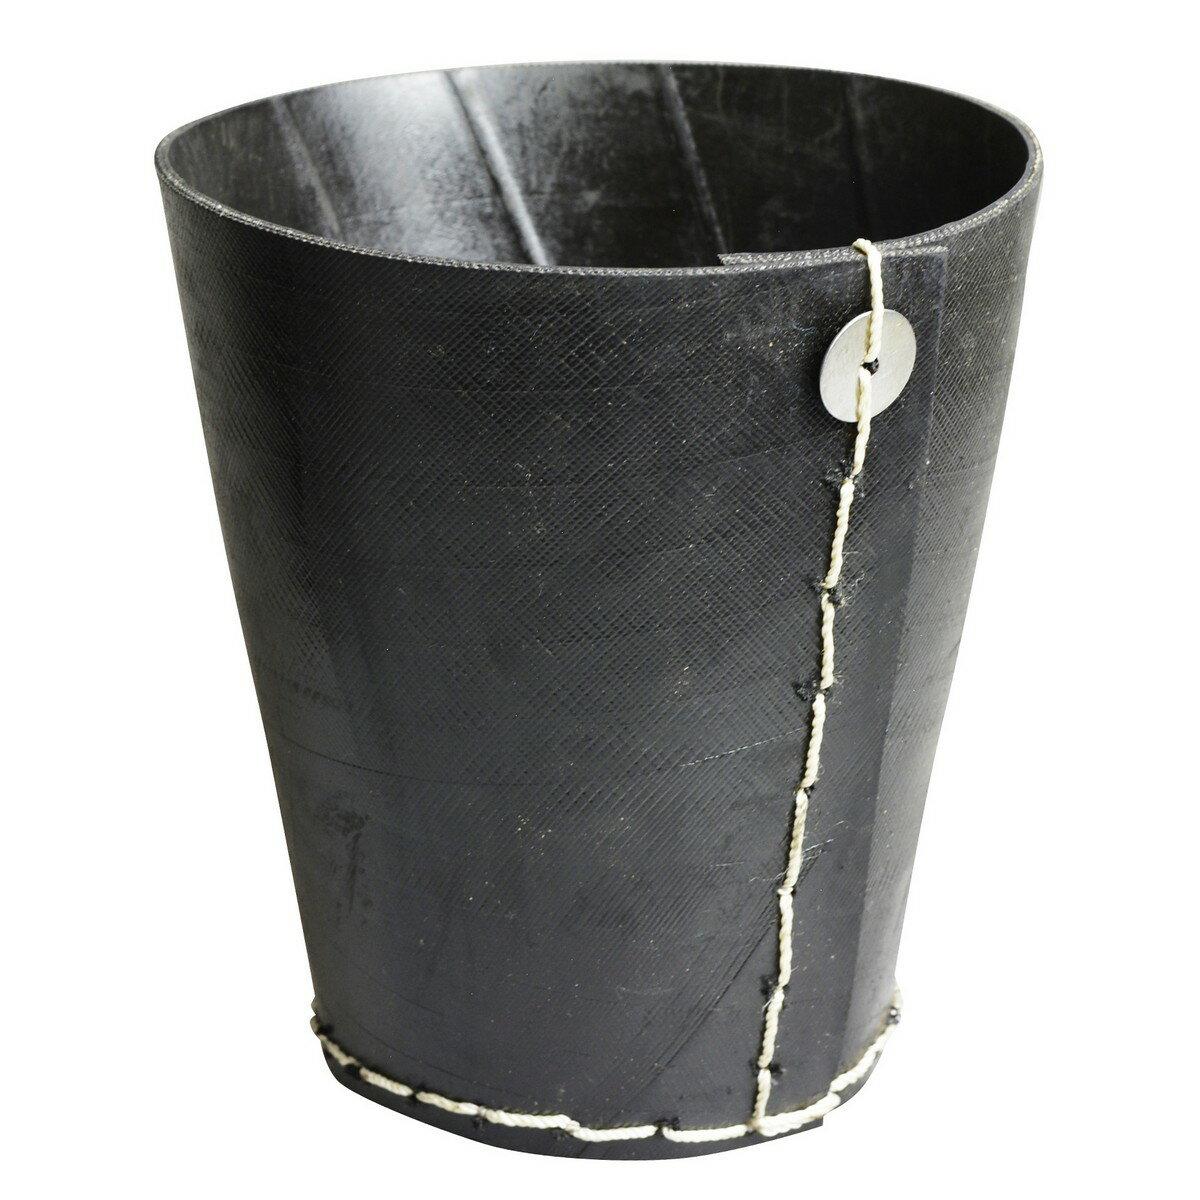 ハットトリック/RECYCLE RUBBER PLANTER (A)/2M-236 L【01】【取寄】 ガーデニング用品 ポット・鉢 鉢カバー 手作り 材料